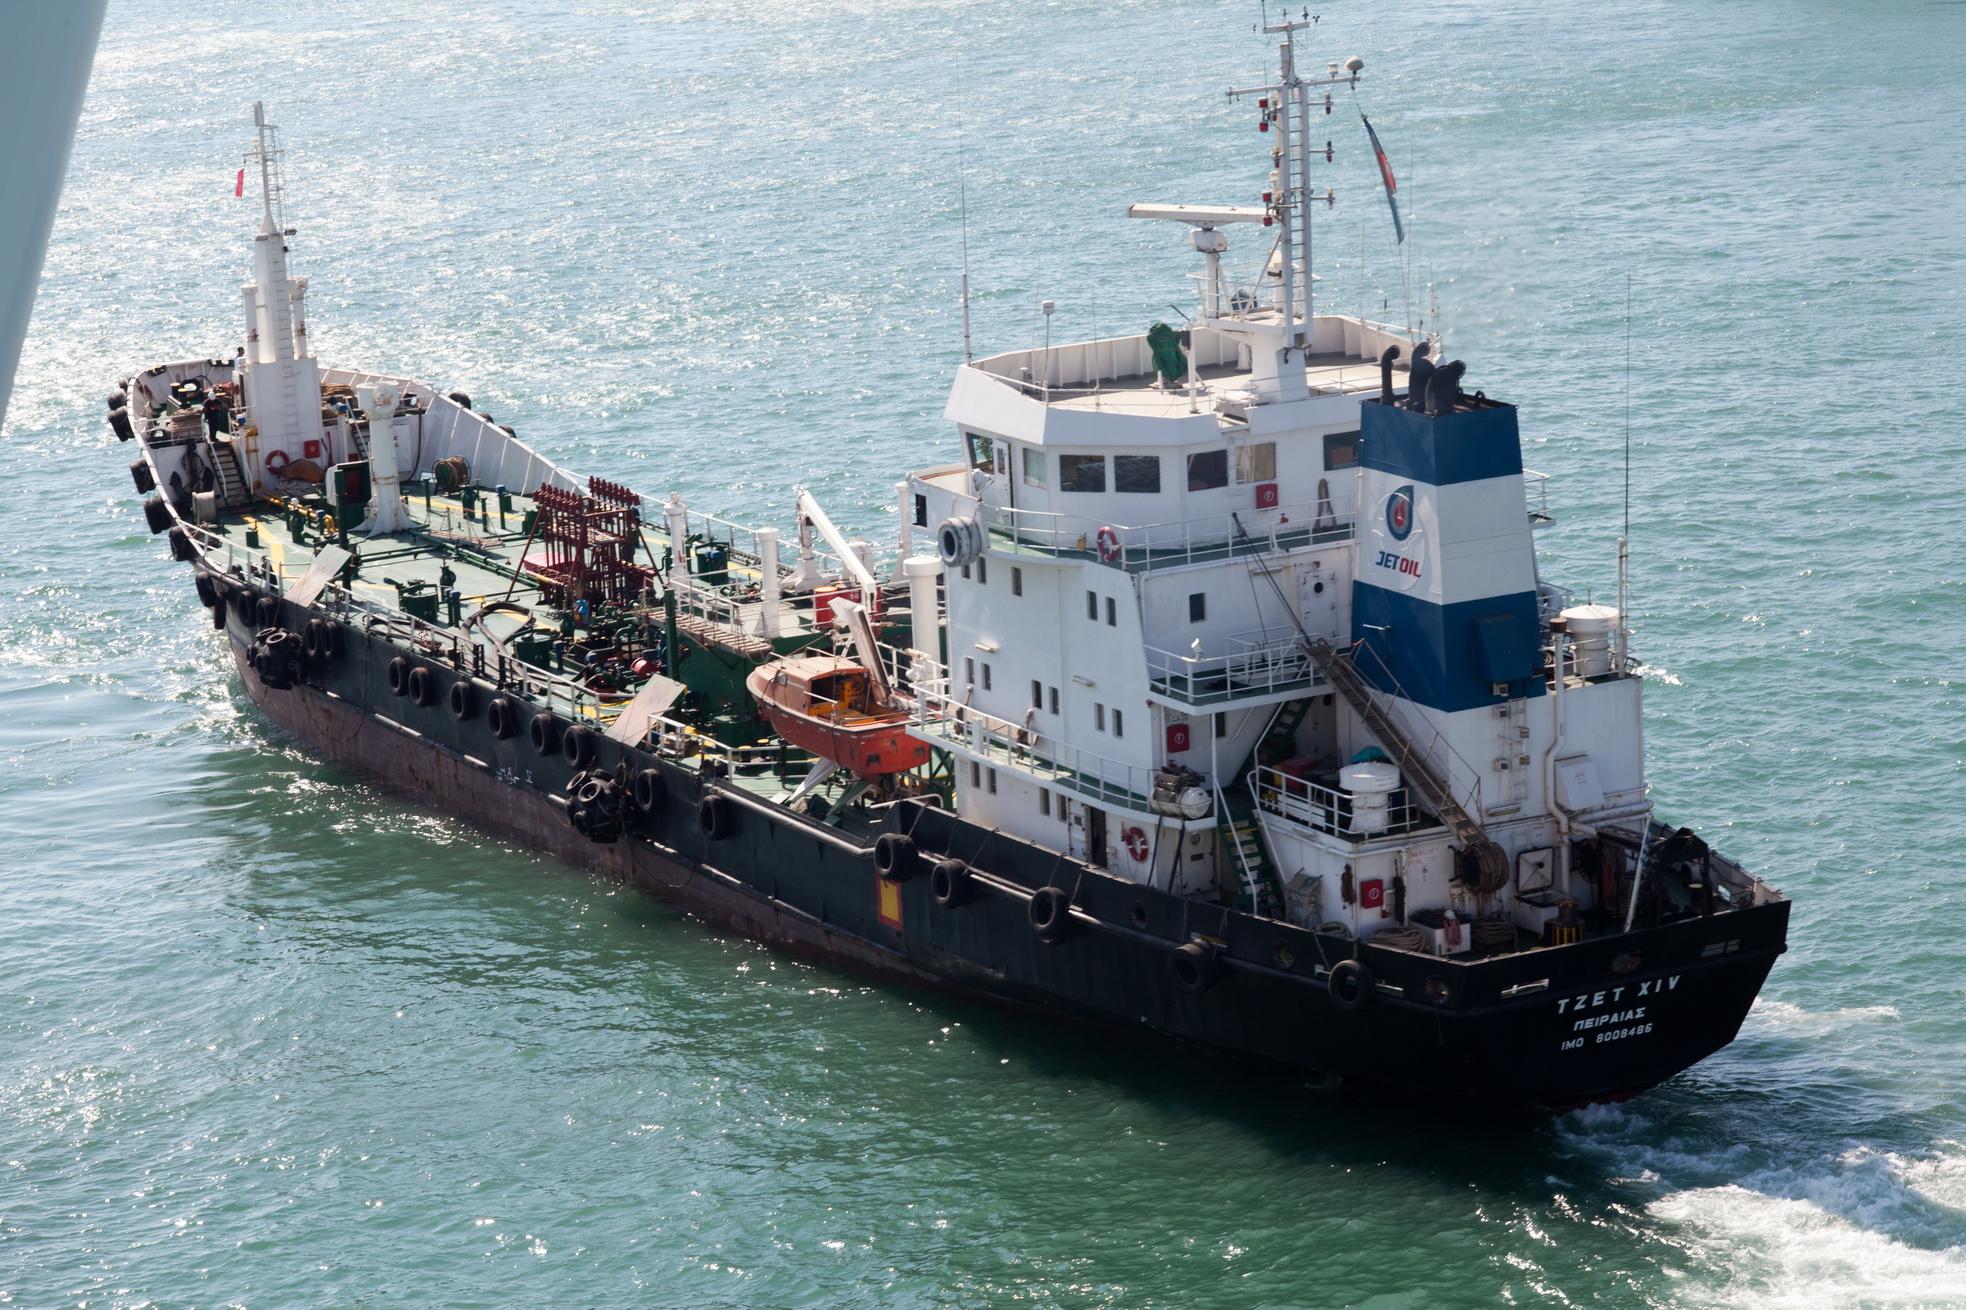 Tanker Jet XIV Tzet XIV IMO 8008486 Jet Oil Piraeus Port of Athens Greece 01